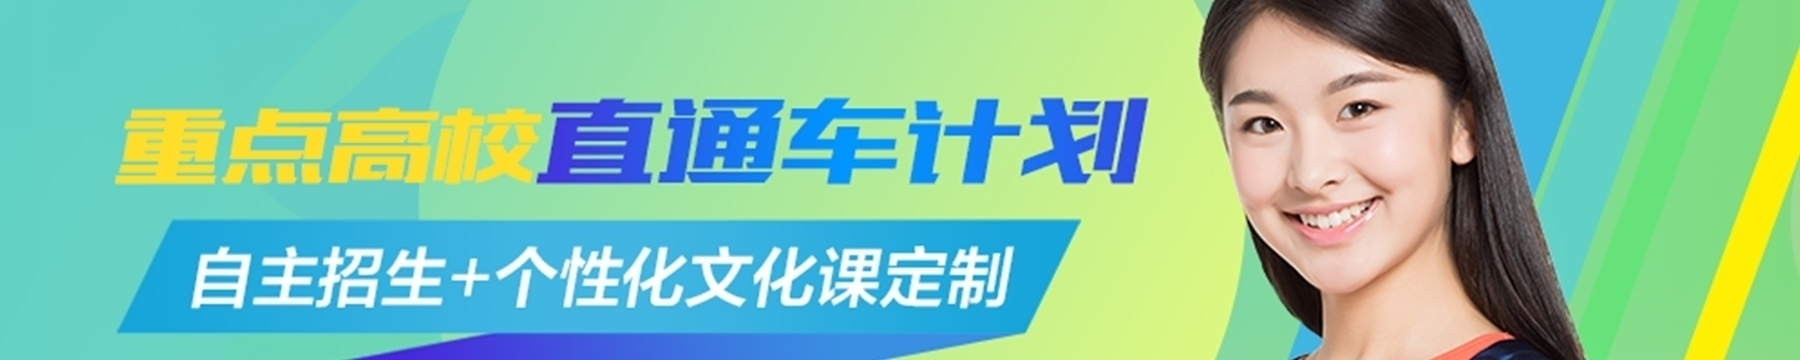 上海学大教育